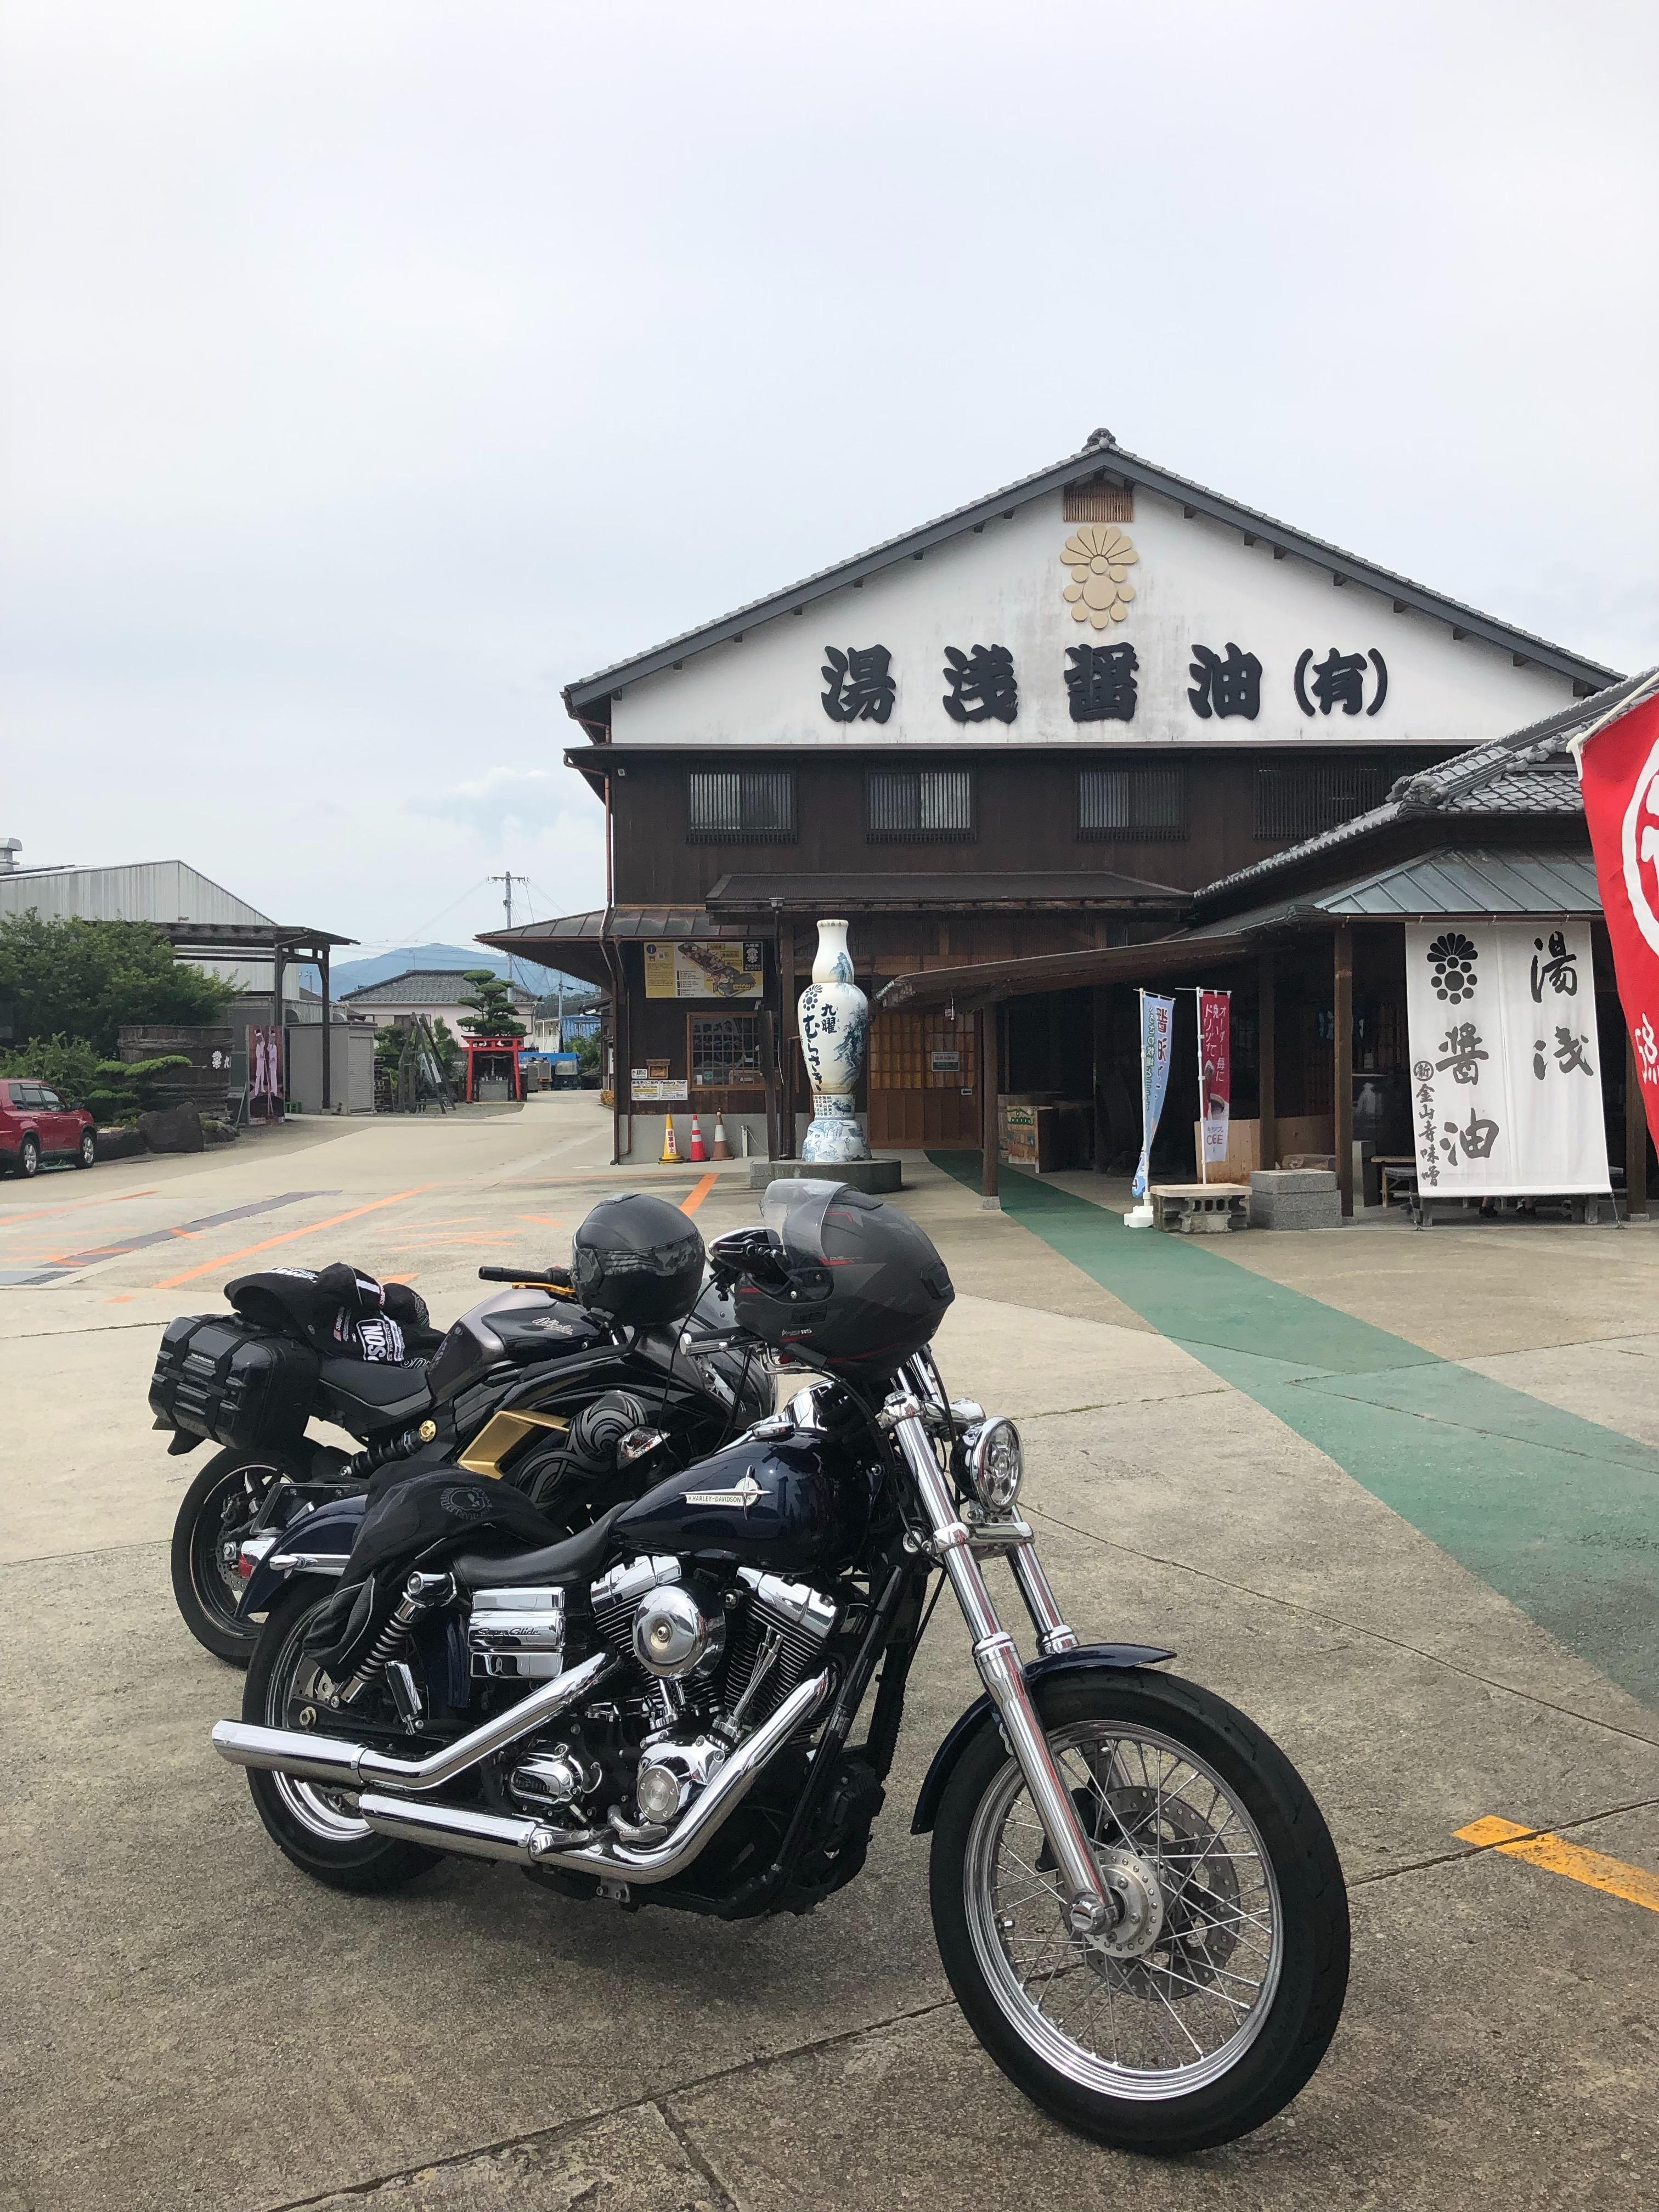 ぴーきち&ダイナ ハーレーブログ 和歌山有田ツーリング 湯浅醤油